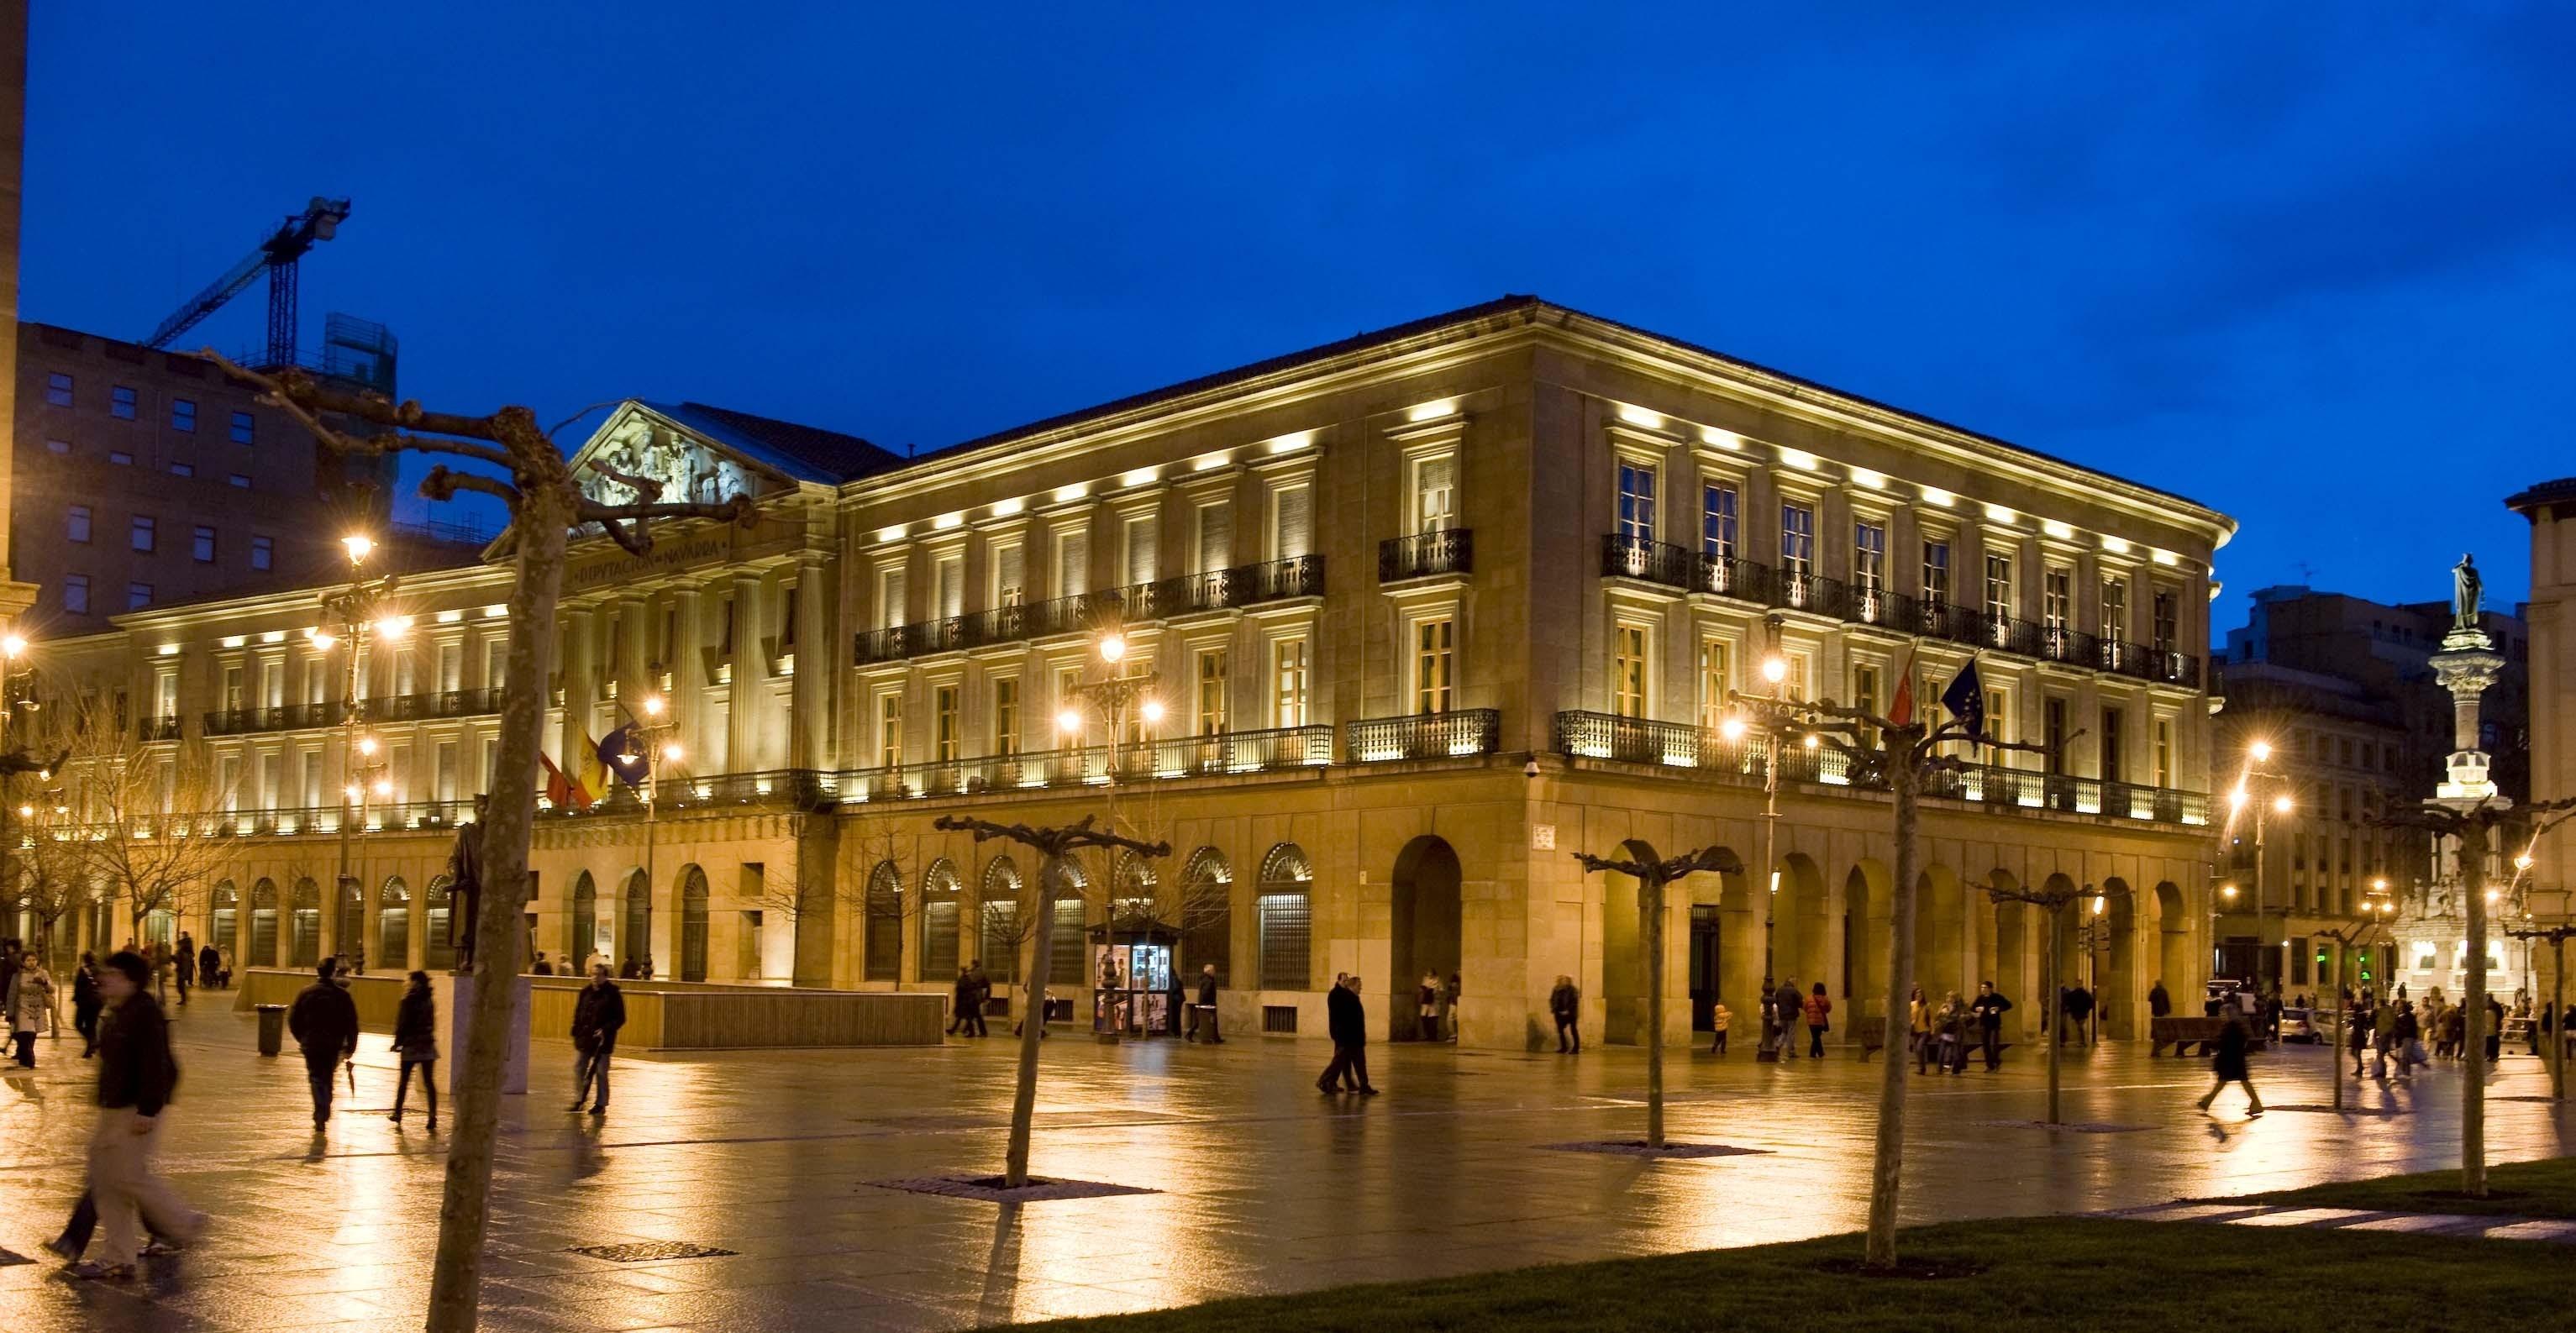 Edificio Gobierno de Navarra de noche iluminado